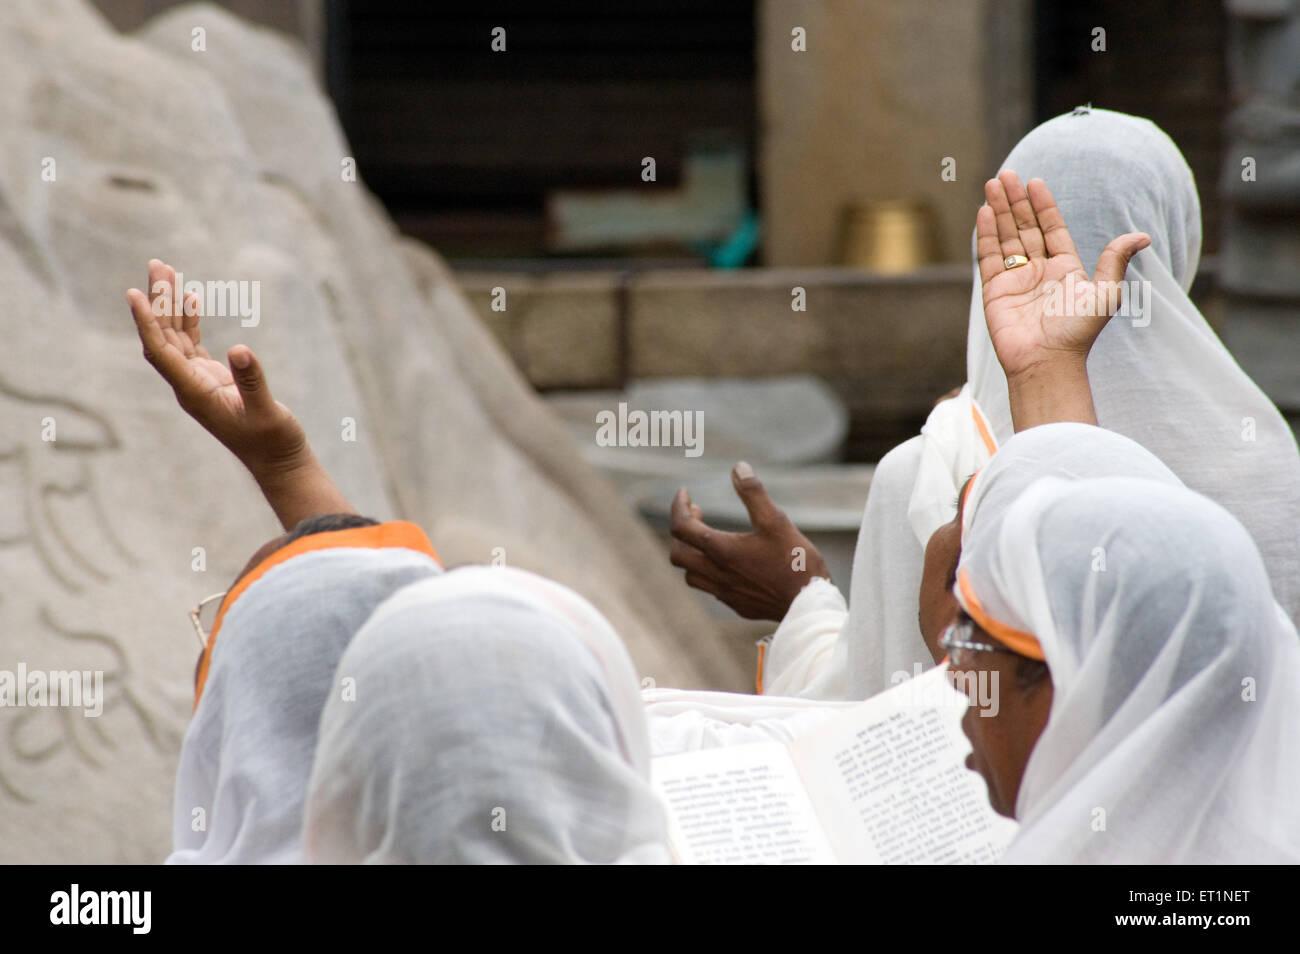 Dévot prosterné dans l'avant de la déité gomateshvara Sravanabelagola jain;;;; Photo Stock